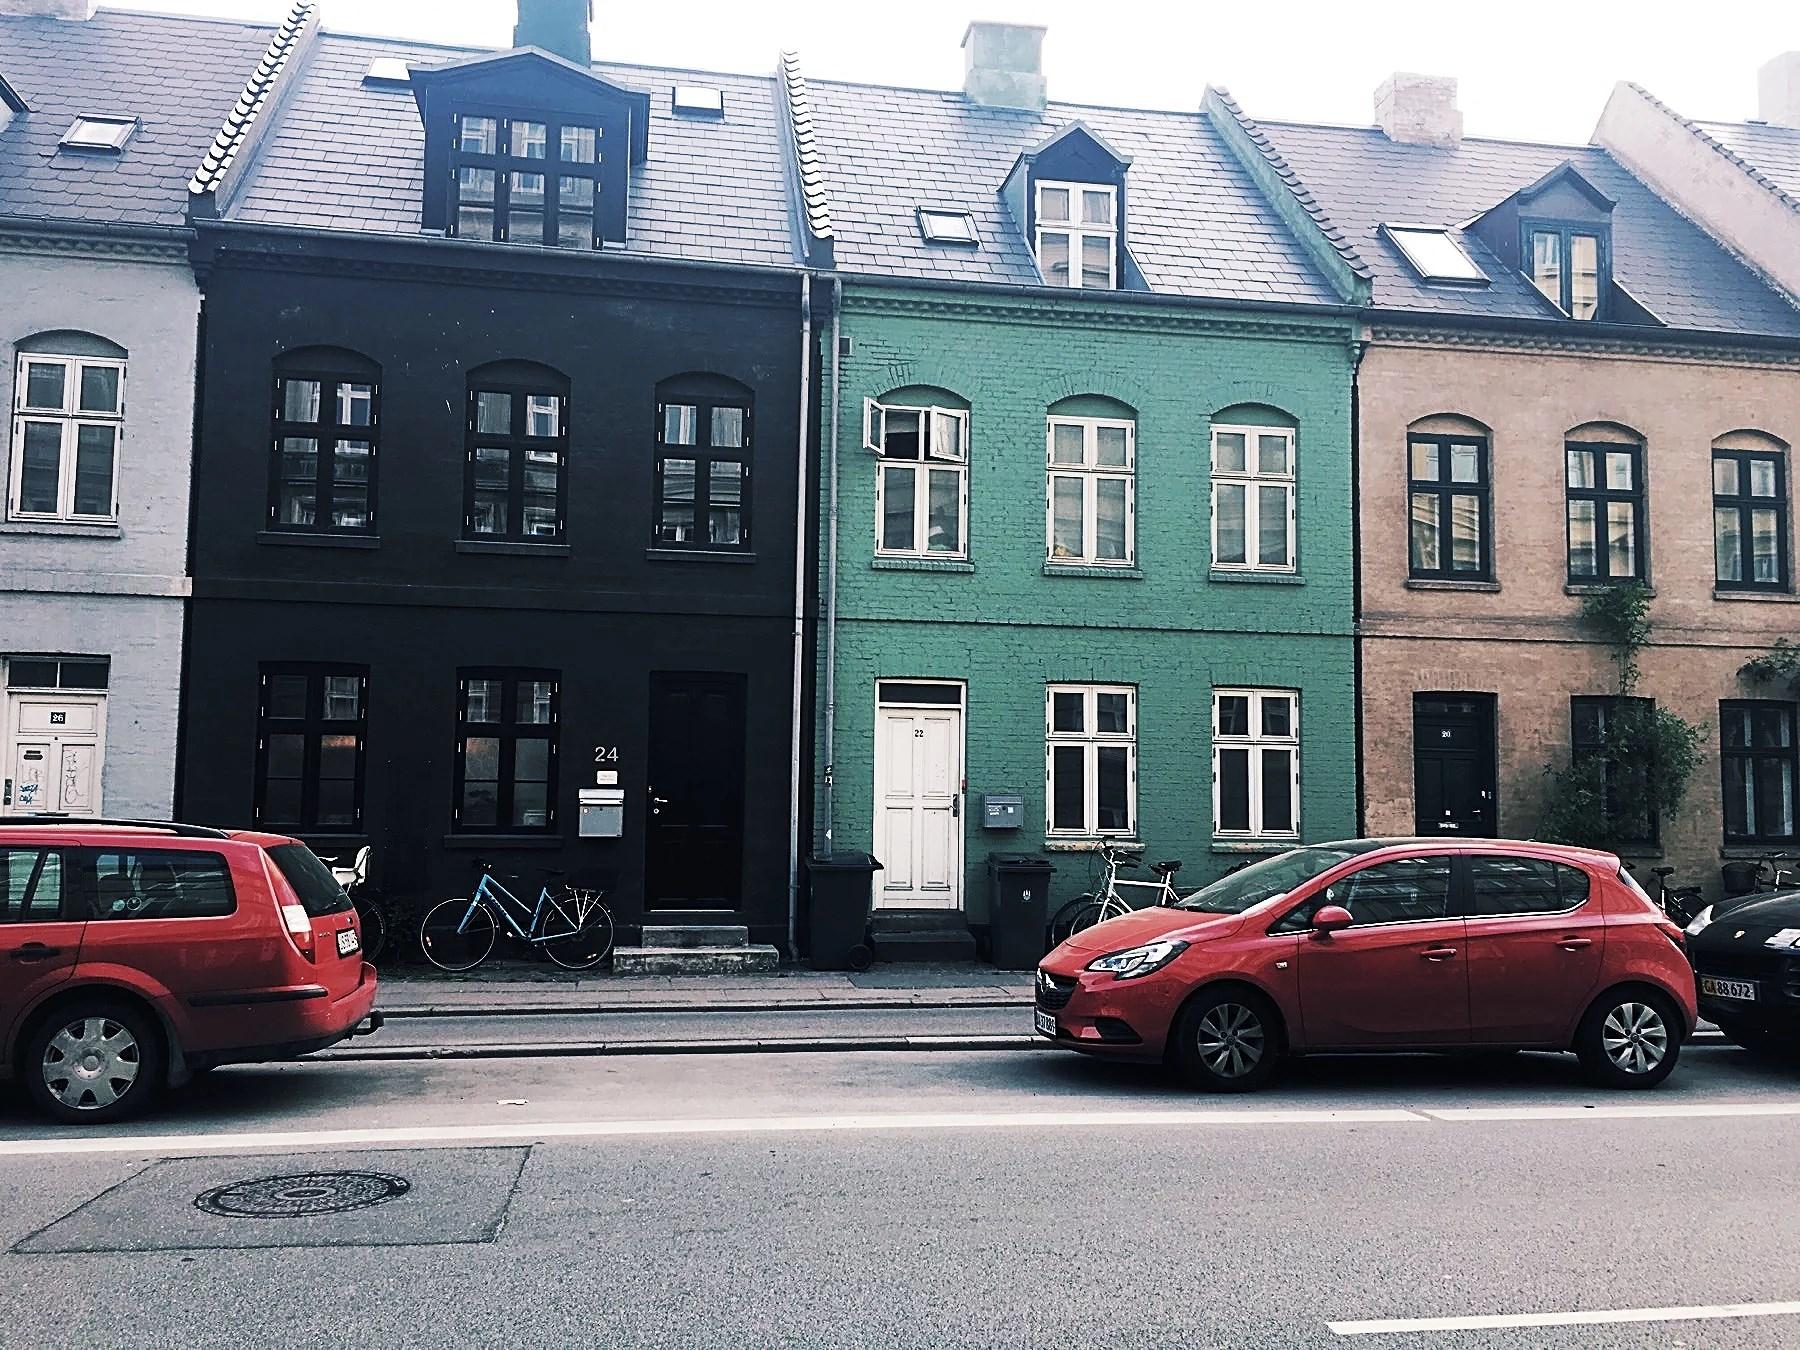 Copenhagen bound